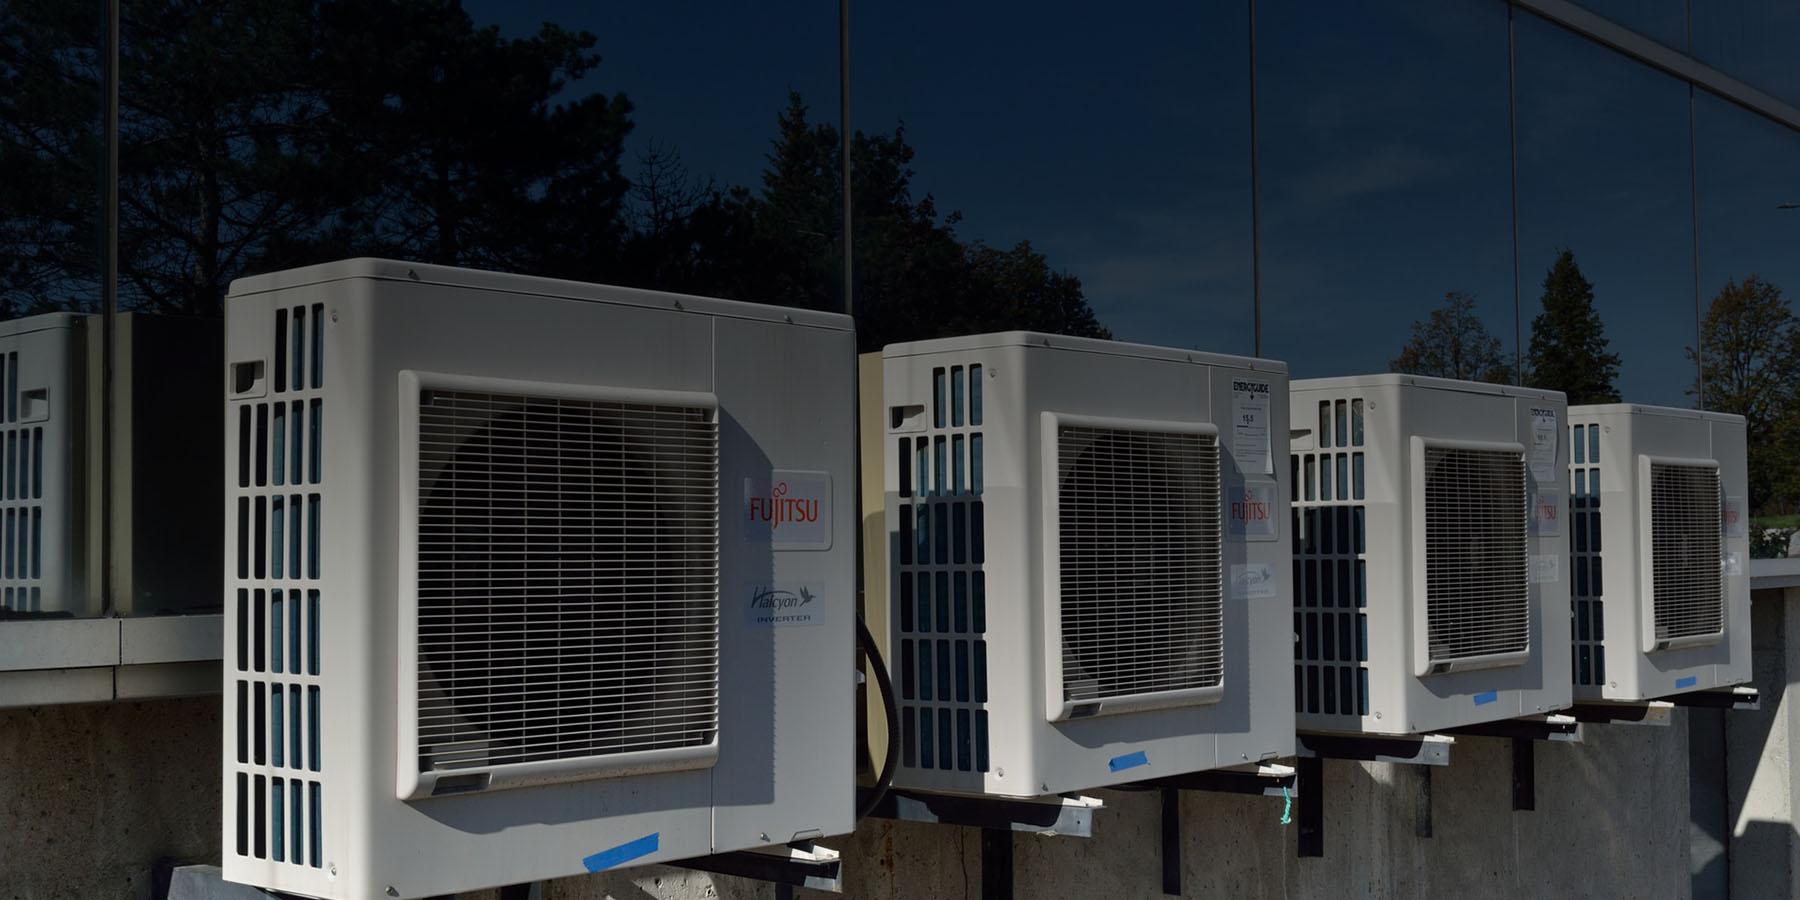 Sistemas de Climatización y Aire Acondicionado Instalación Mantenimiento y Reparación de Aires acondicionados